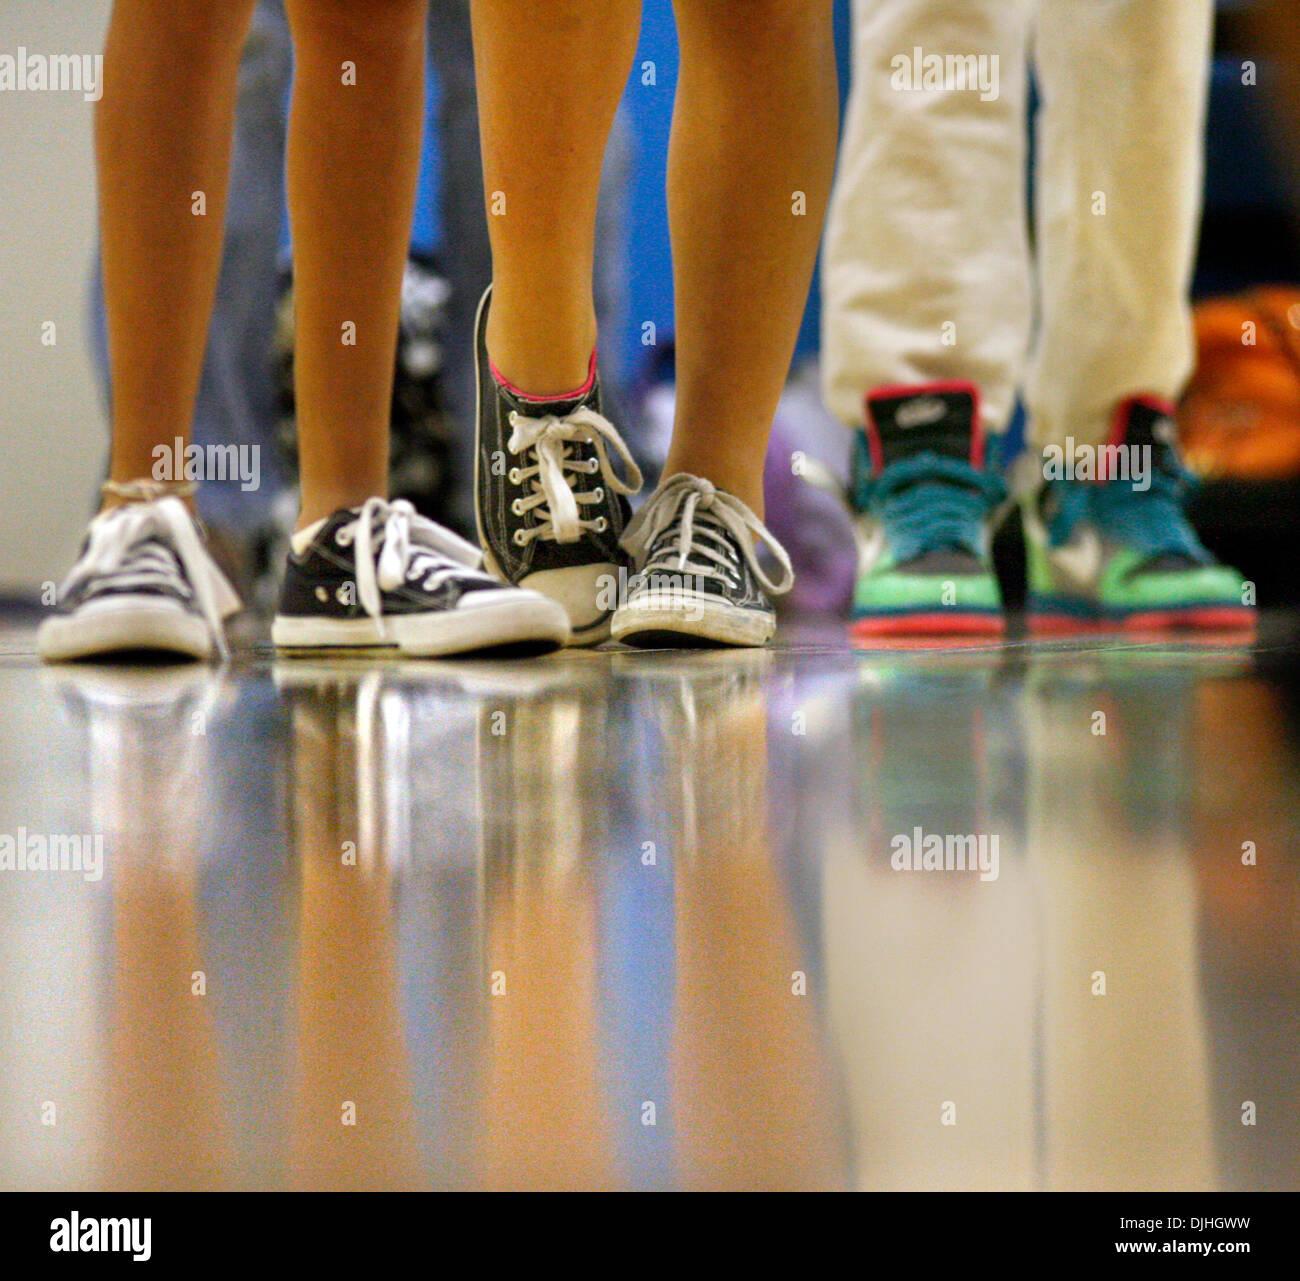 30 juillet 2010 - Clearwater, FL, USA - DOUGLAS R. CLIFFORD   fois 326284 .NP____3 CLIF DANSEUR vendredi (30/07/2010) étudiants en danse de Clearwater en ligne avec leurs chaussures de danse urbaine vendredi tout en apprenant une chorégraphie de Chase Benz (CQ), 23 ans, de Los Angeles, en Californie, qu'il a créé pour la chanson de Rihanna Rehab lors d'une Master Class vendredi au Studio Dance Co. à Clearwater. Benz est tourin Photo Stock